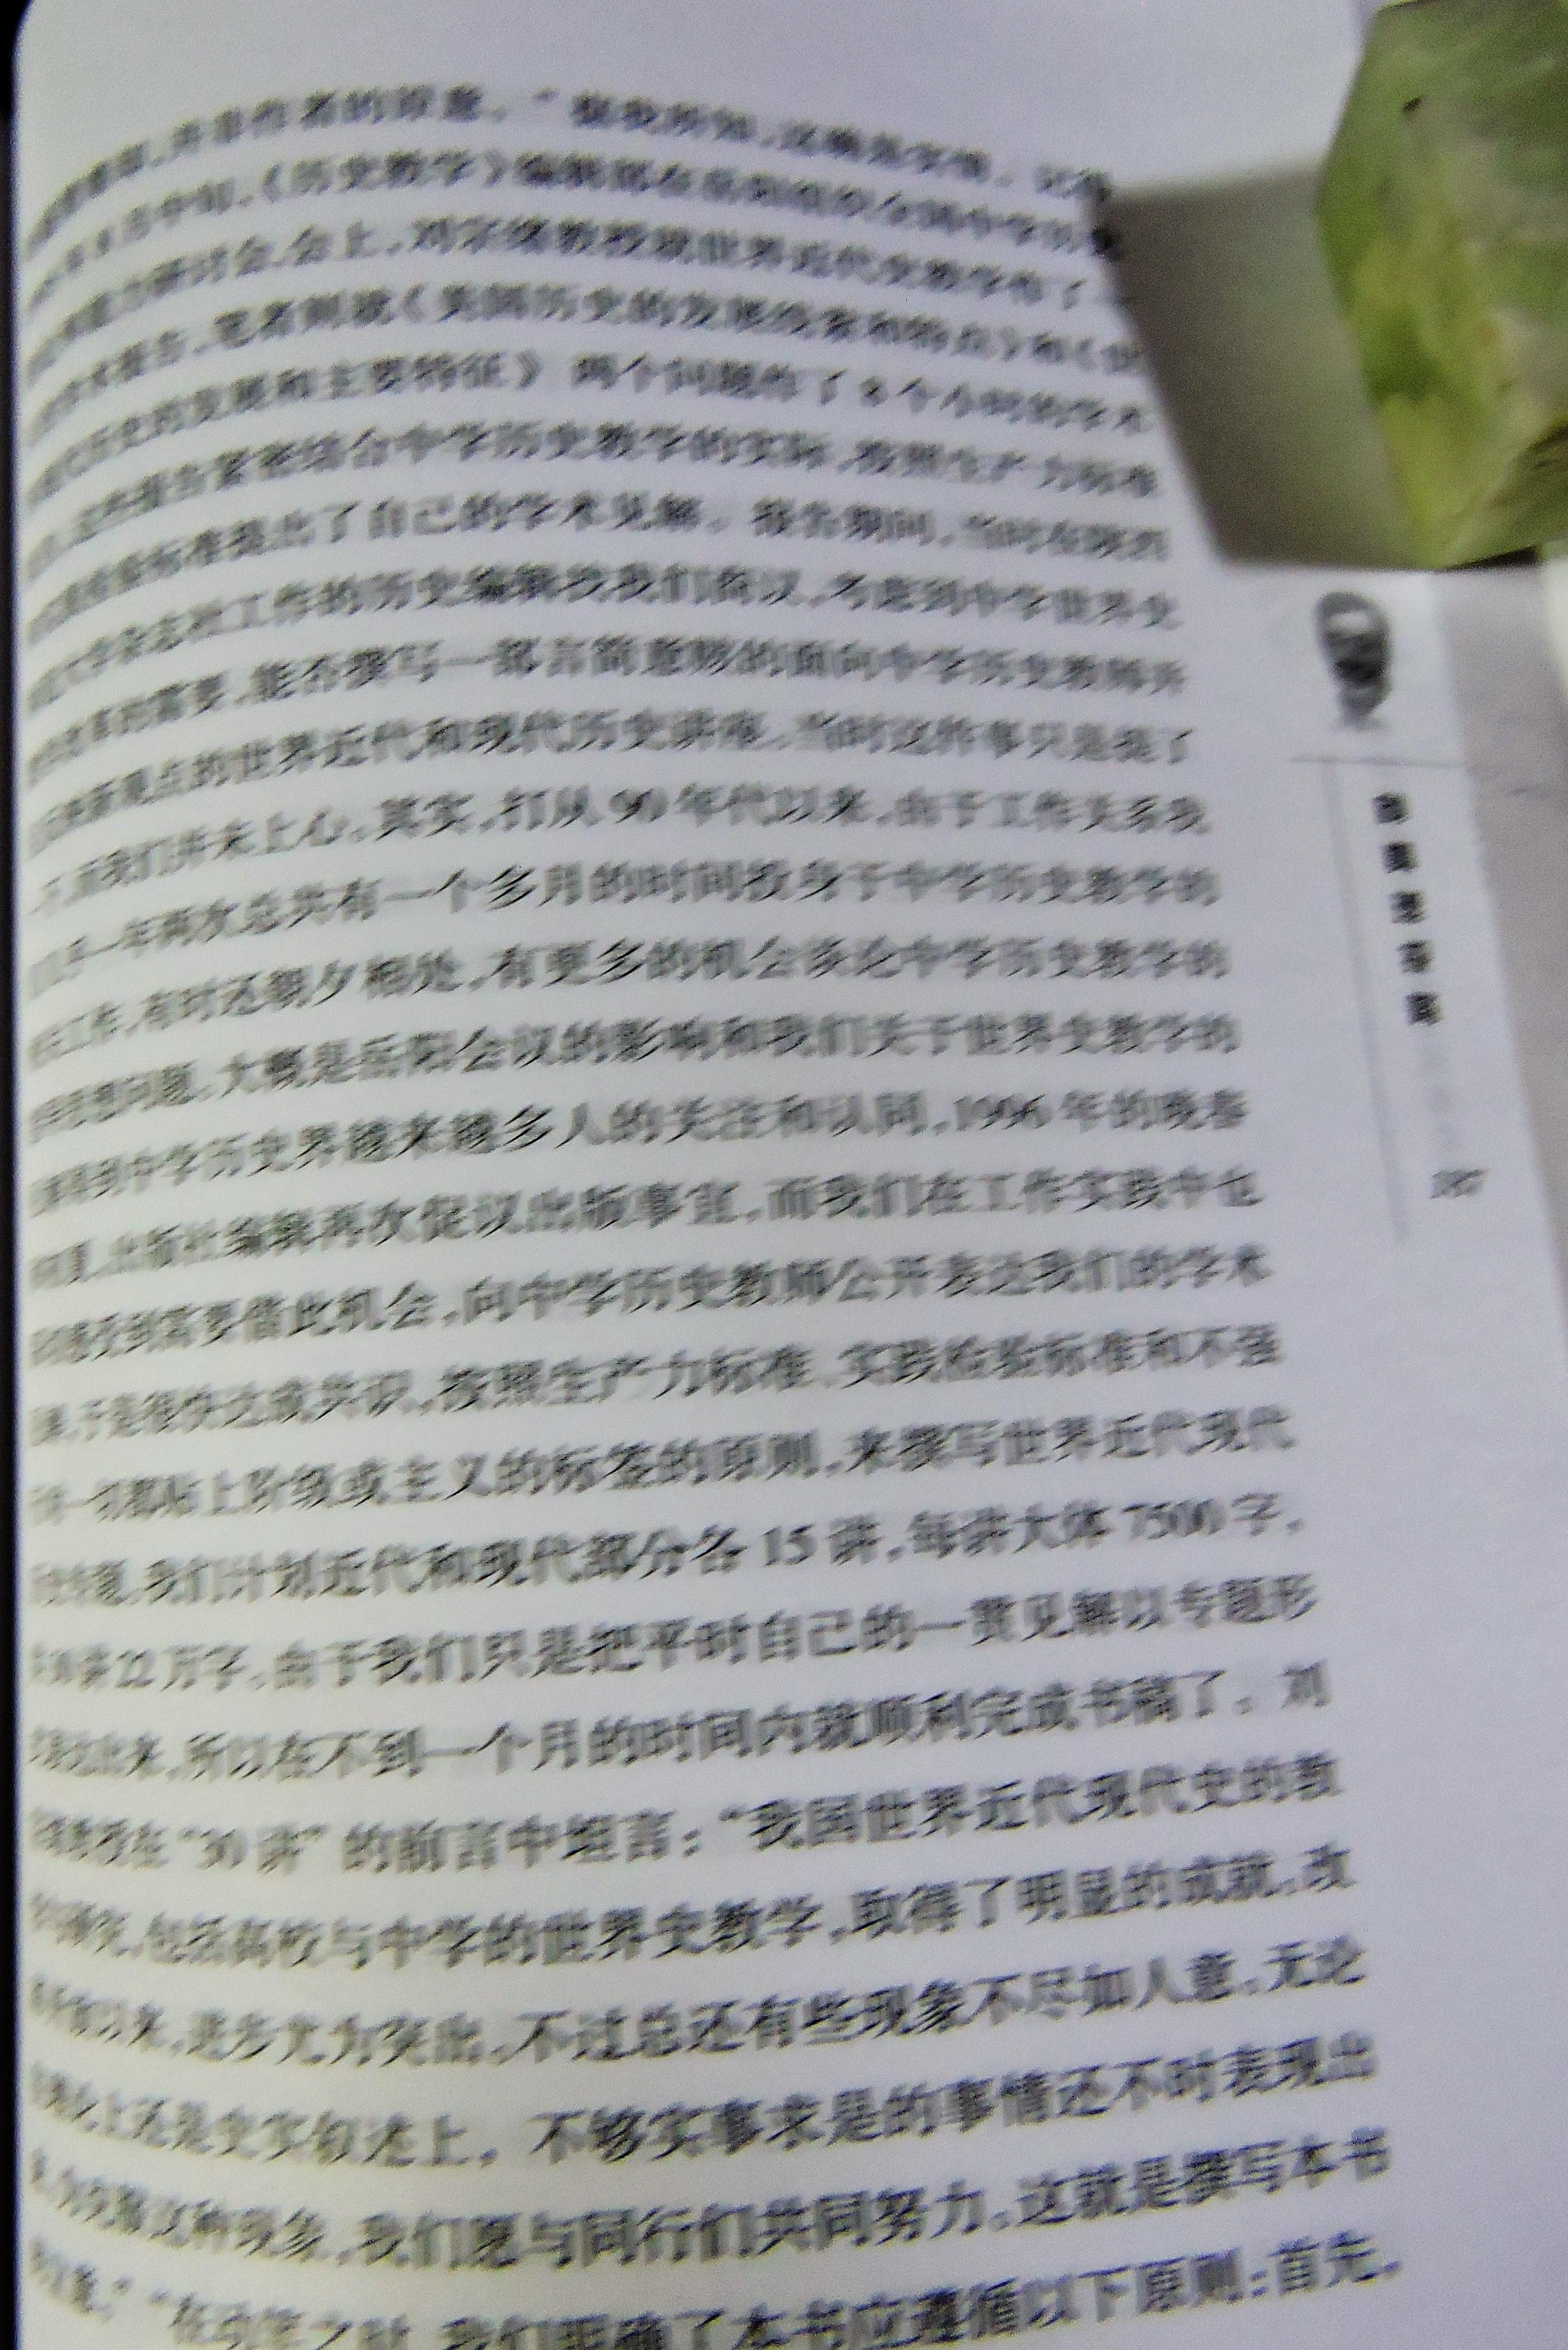 8 DSCN8600.jpg